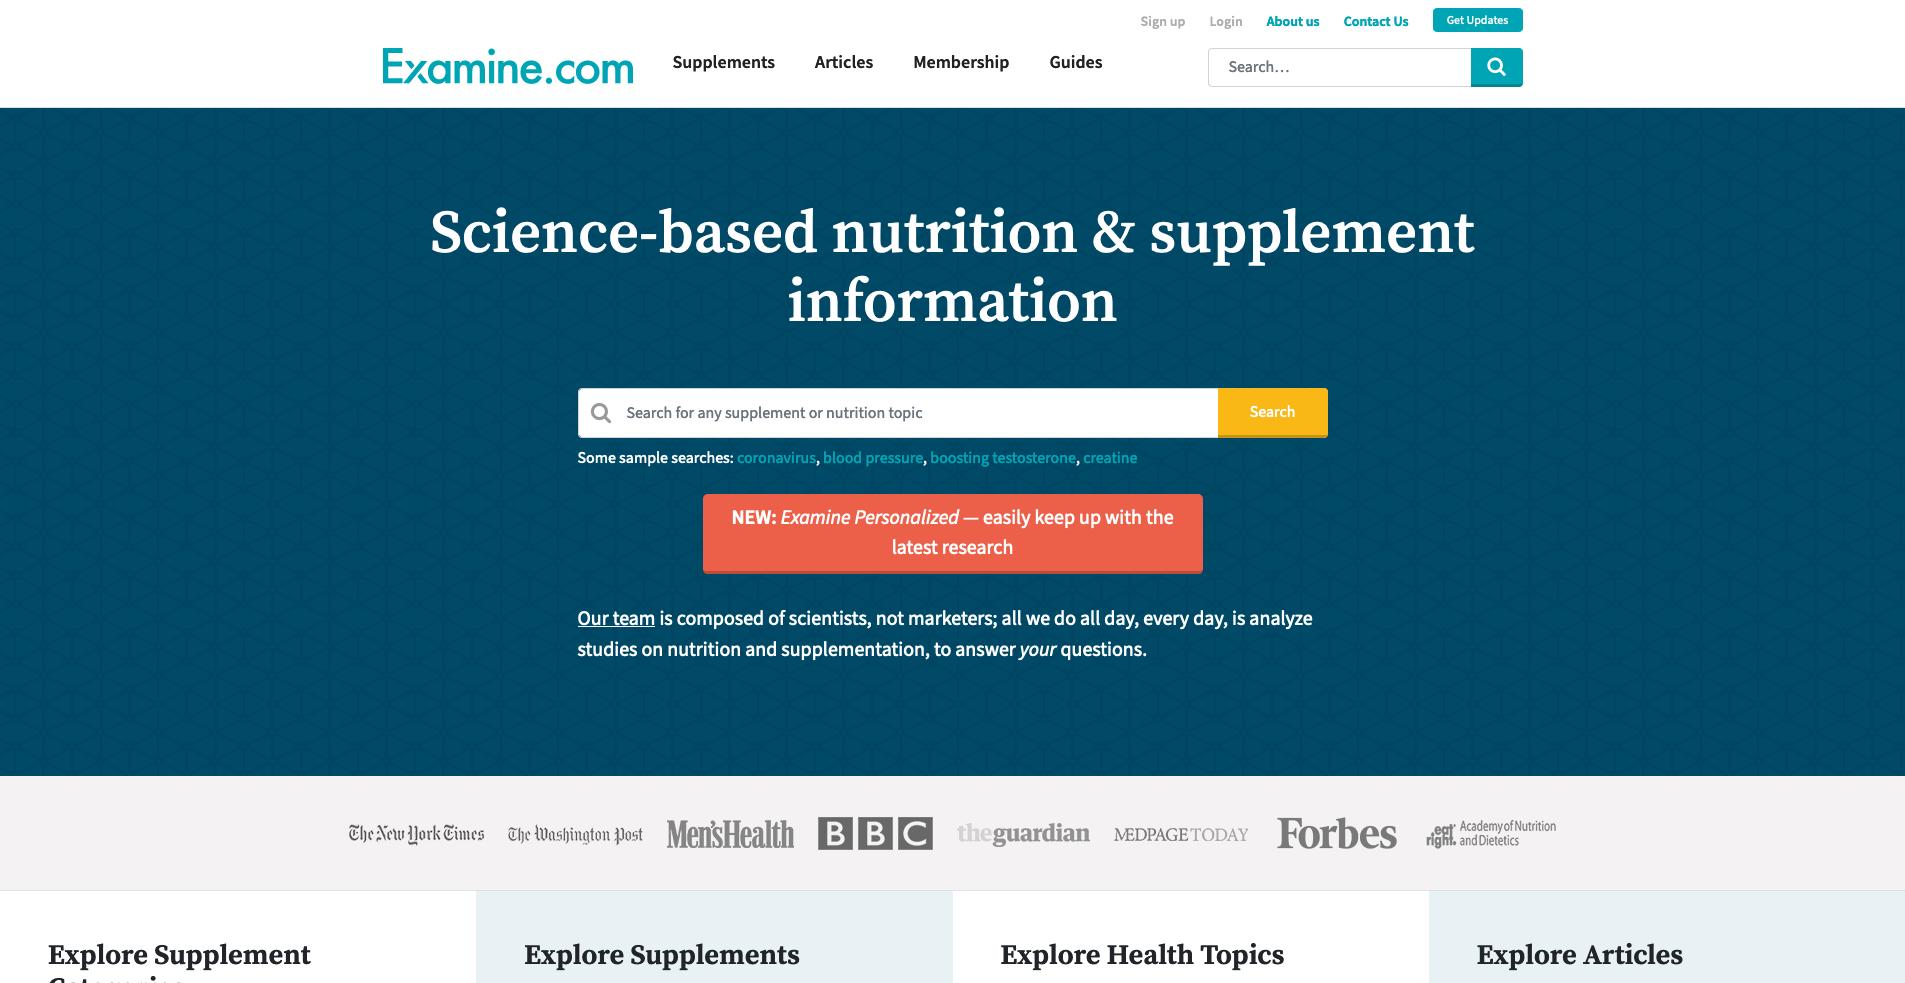 Examine.com